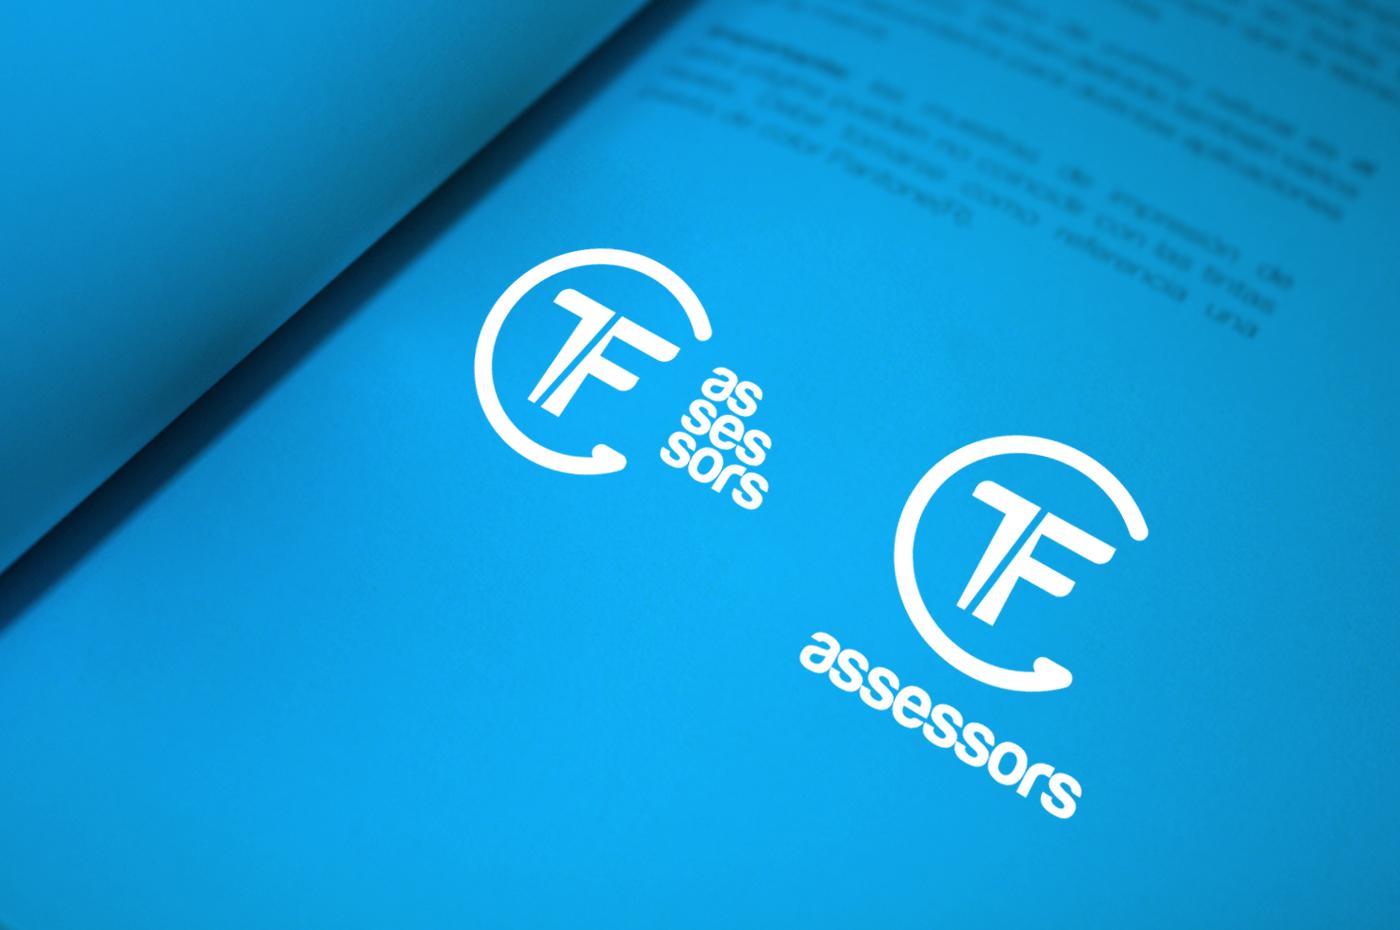 TF-ASSESSORS-logo-versio-negatiu